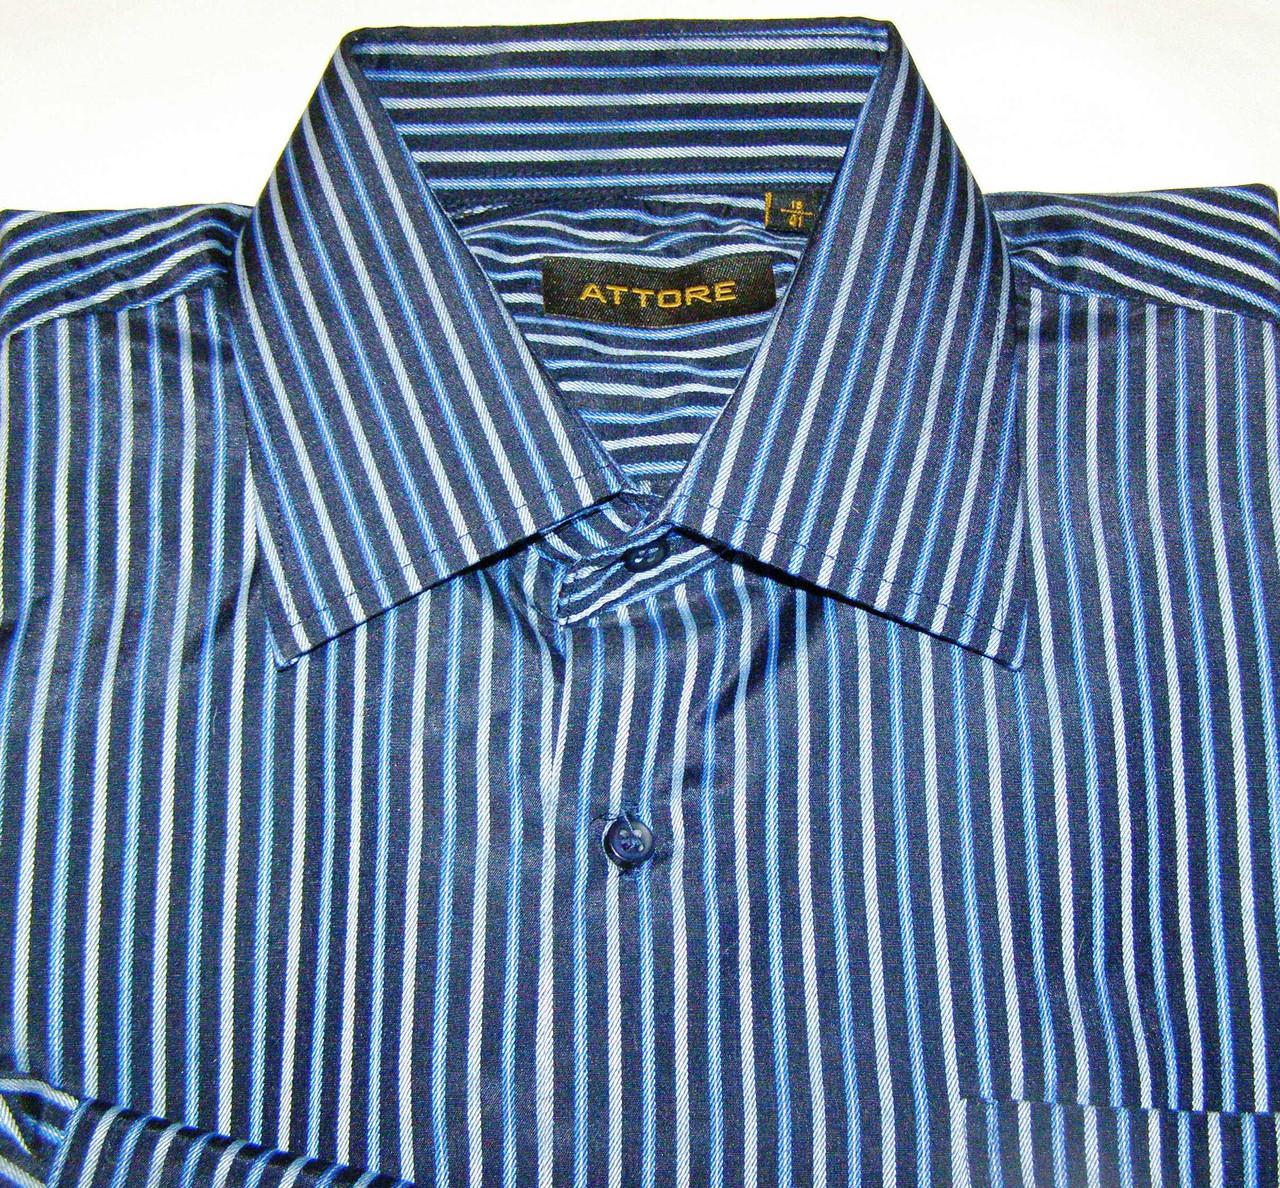 Рубашка ATTORE (L/41)